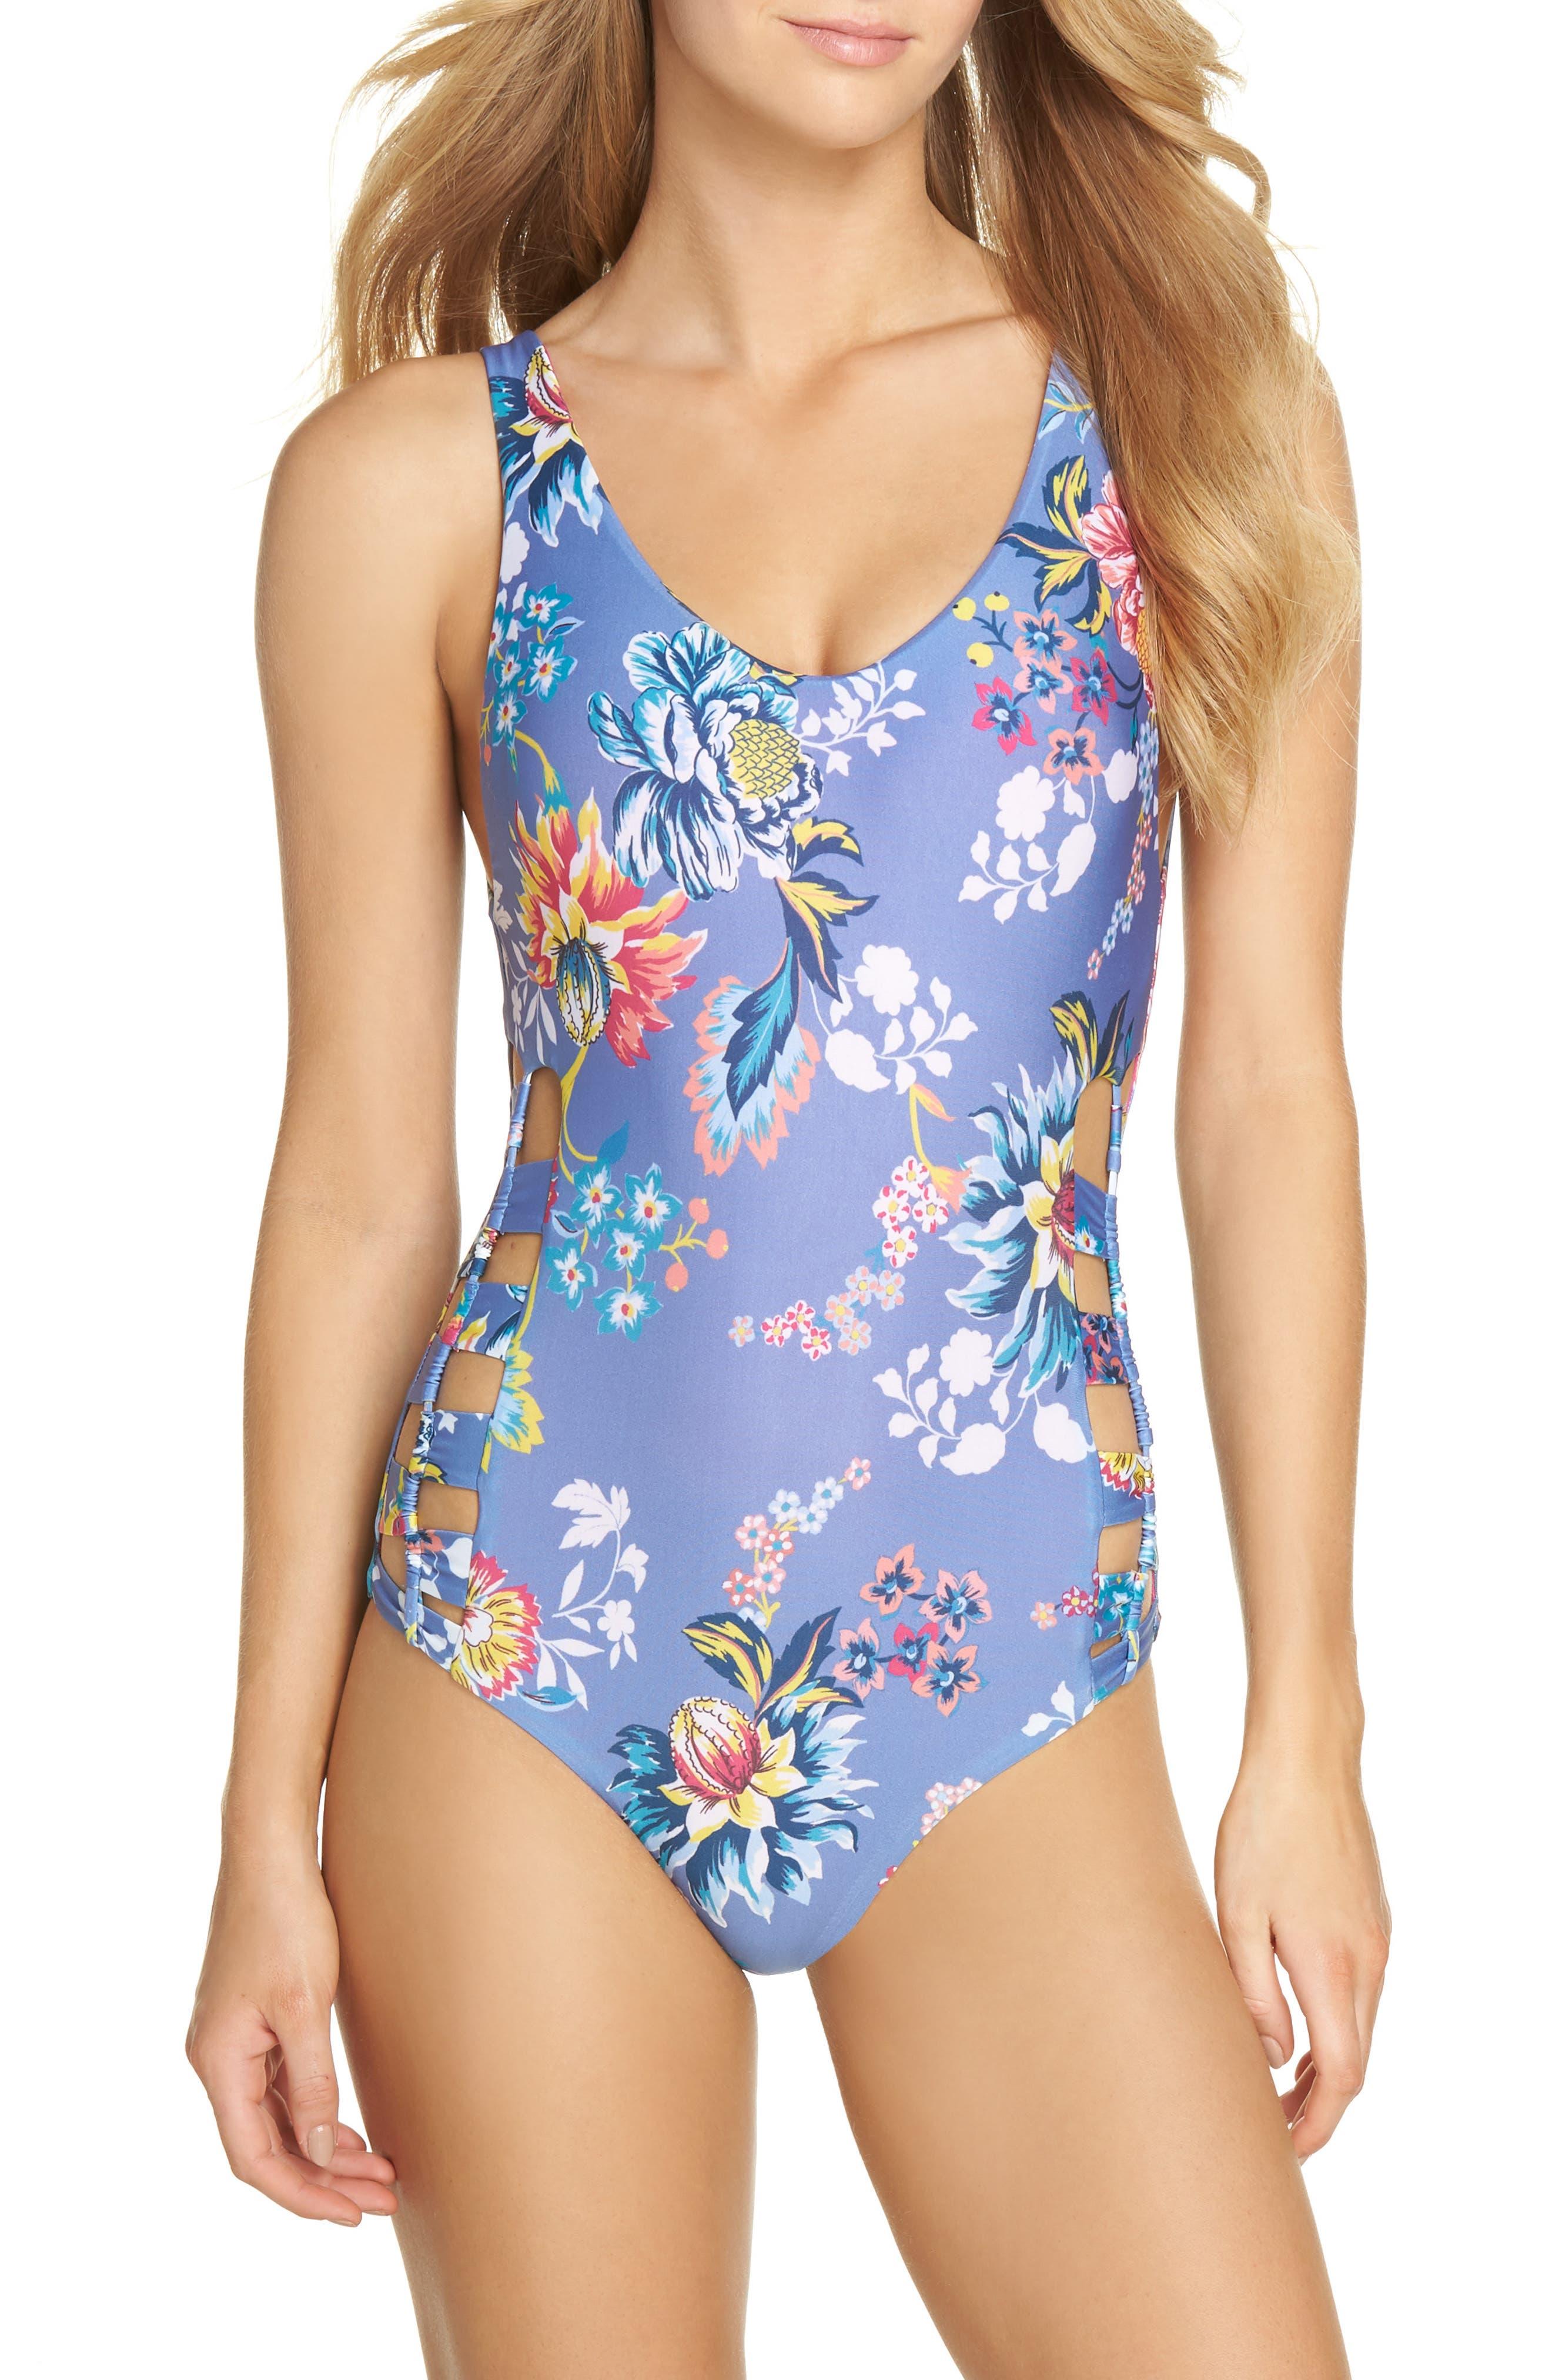 Victorian Garden Reversible One-Piece Swimsuit,                             Main thumbnail 1, color,                             Purple/ Blue Multi